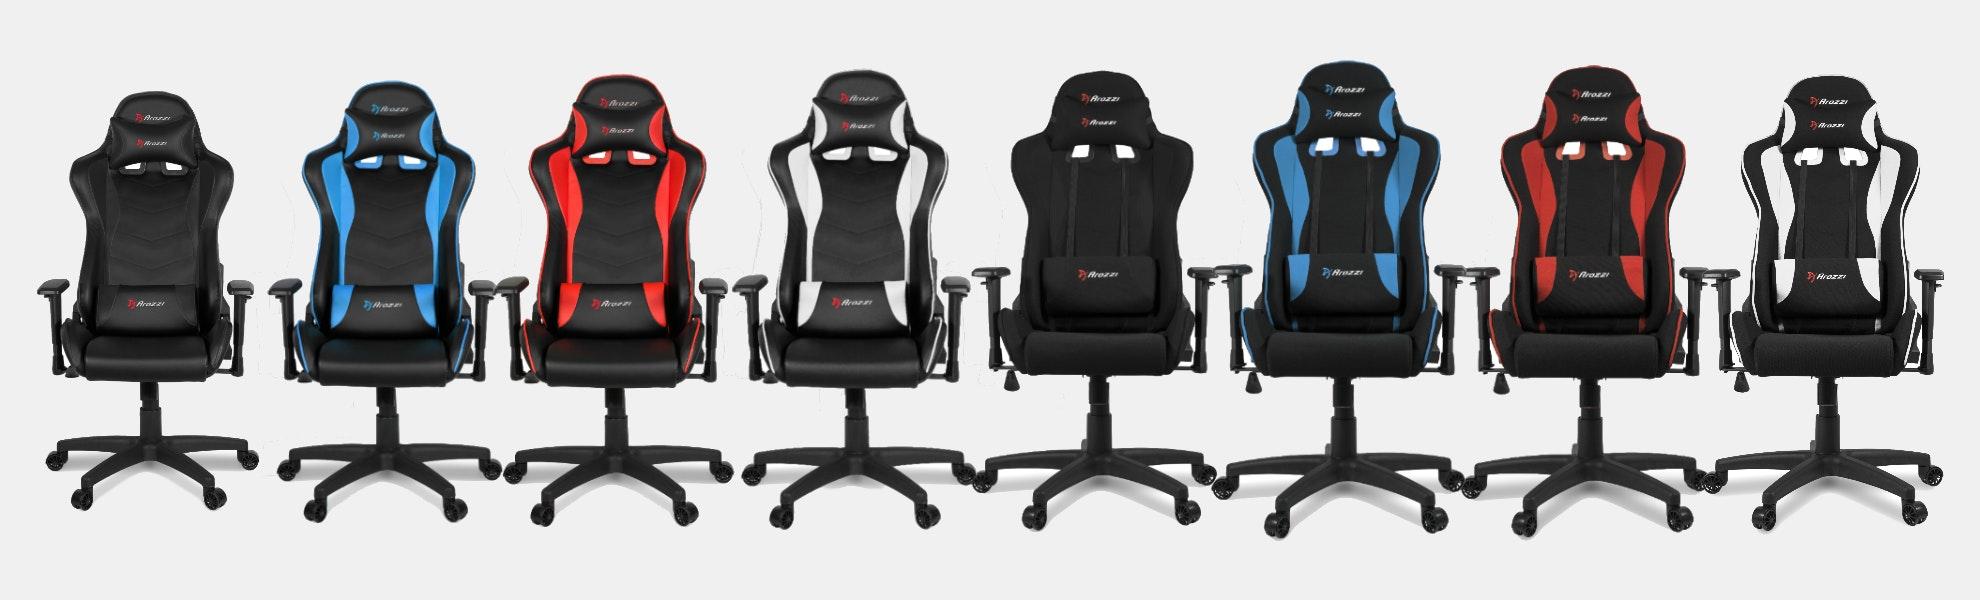 Arozzi Forte Ergonomic Gaming Chairs